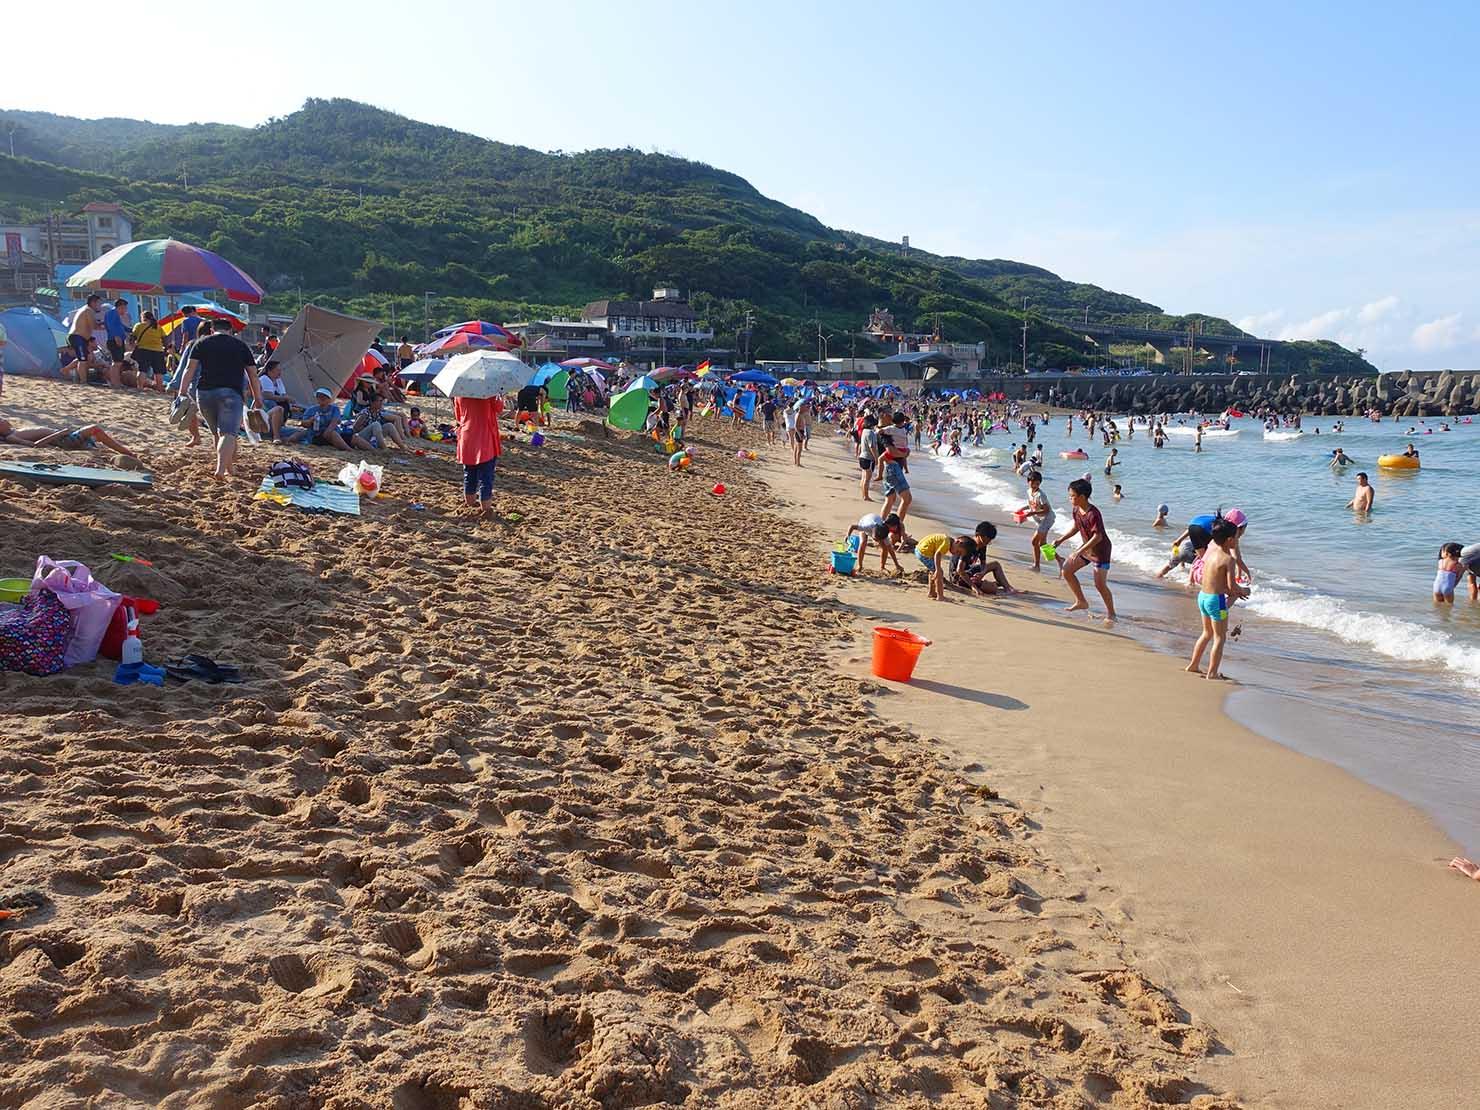 台北から日帰りで行ける基隆・外木山大武崙沙灘のビーチ